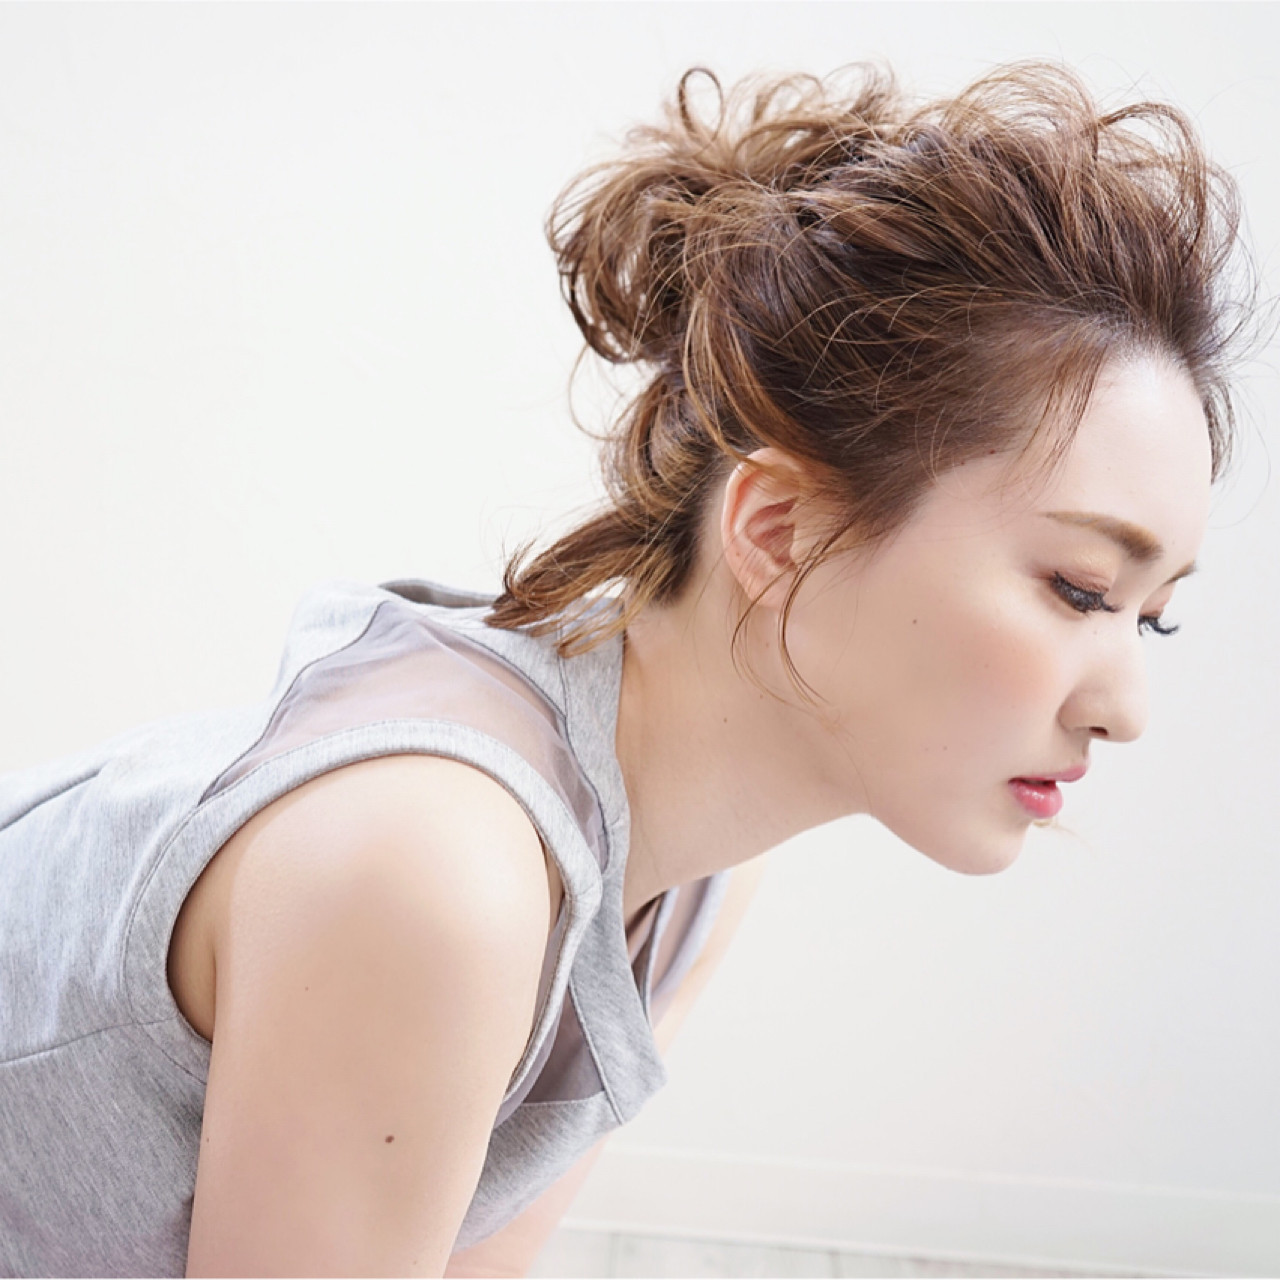 ポニーテール ハーフアップ ヘアアレンジ フェミニン ヘアスタイルや髪型の写真・画像